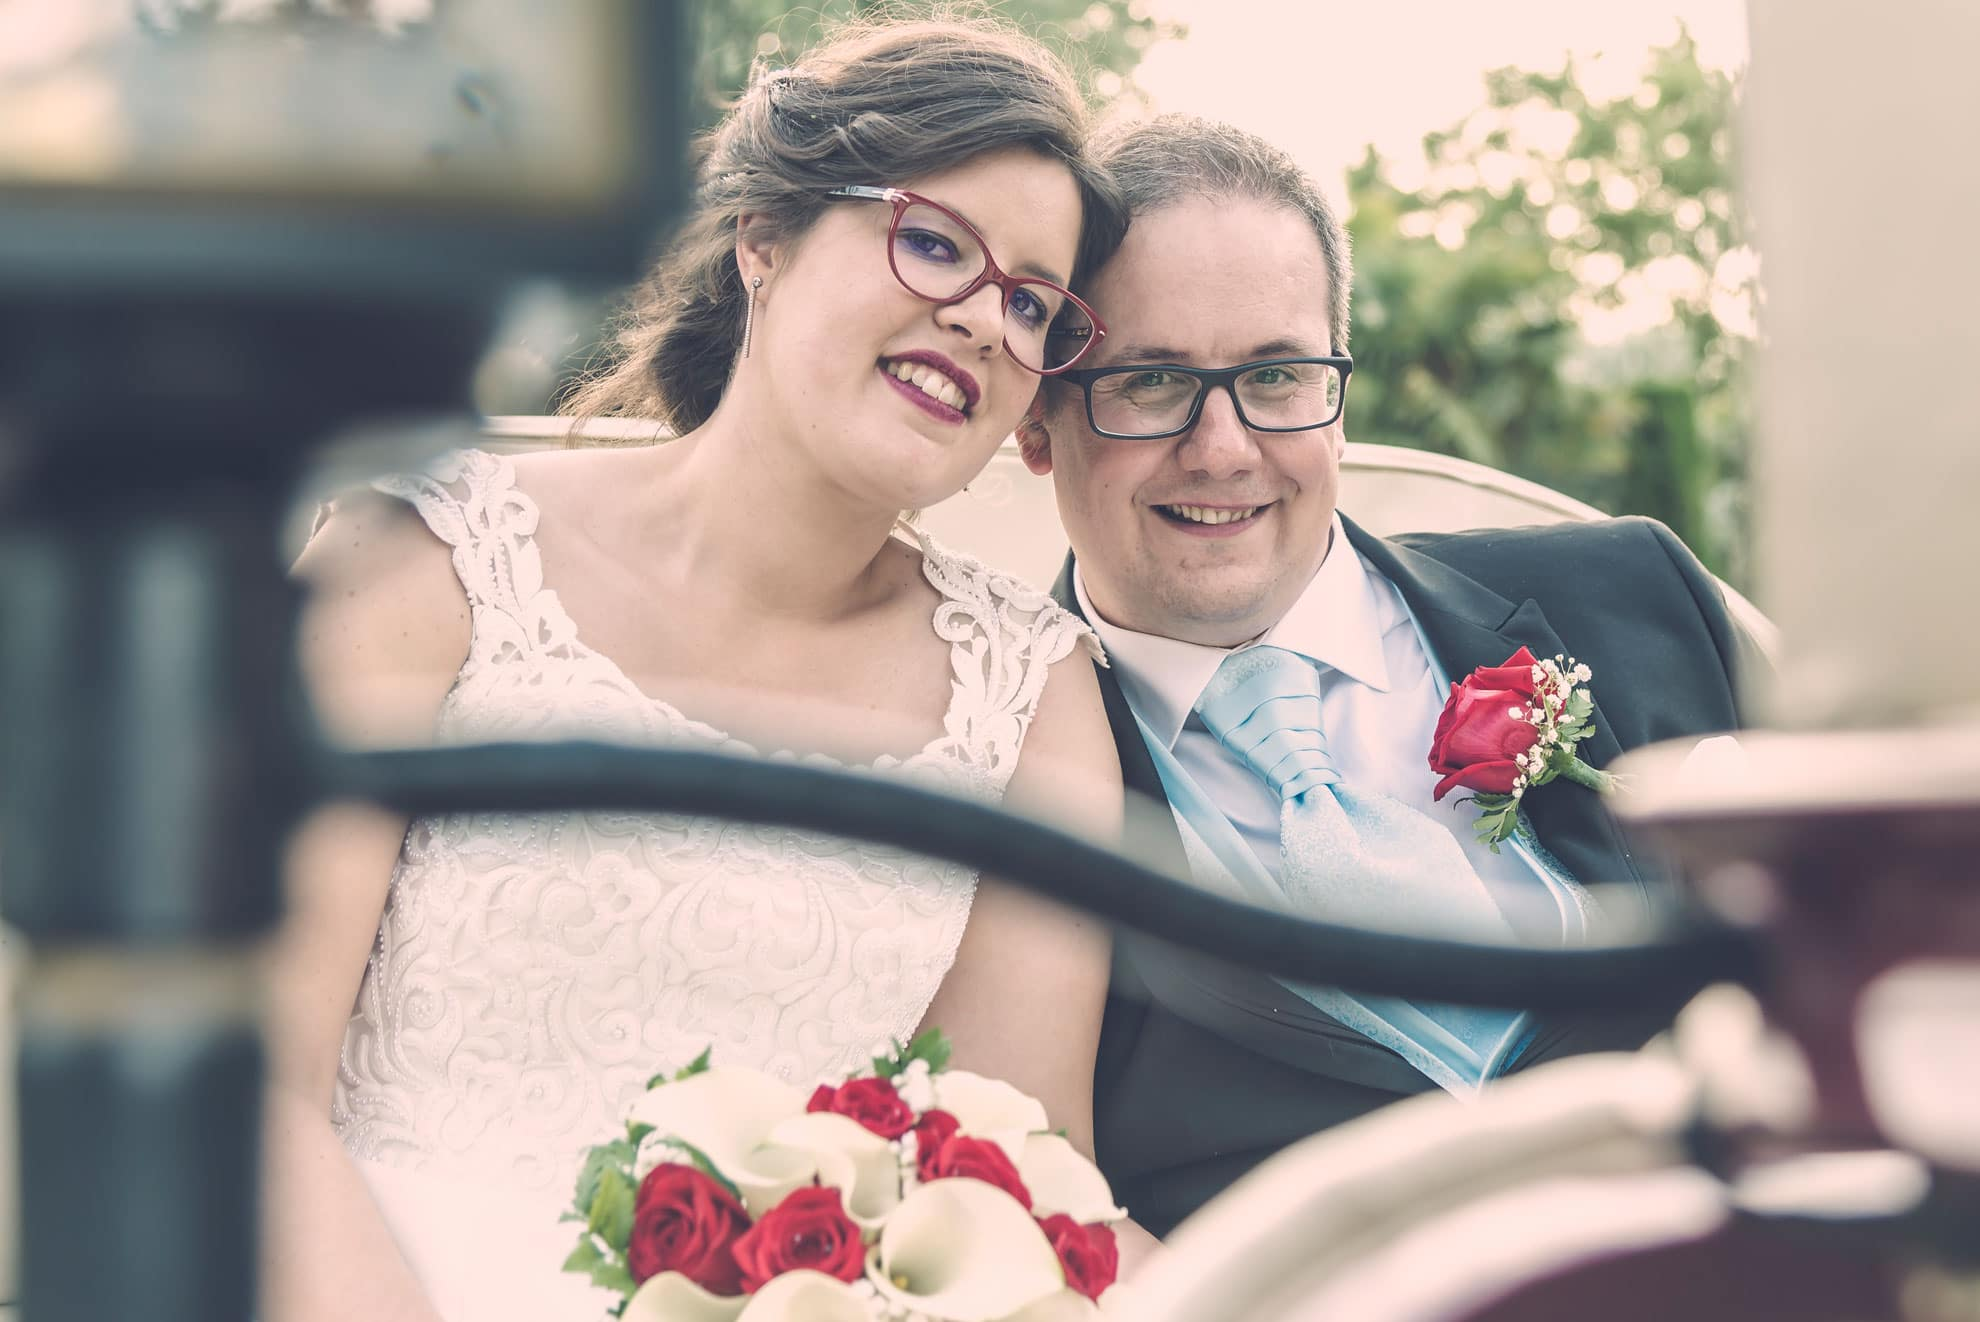 La fotógrafa de tu boda - Ana Porras Fotos y Bodas - Elena y César